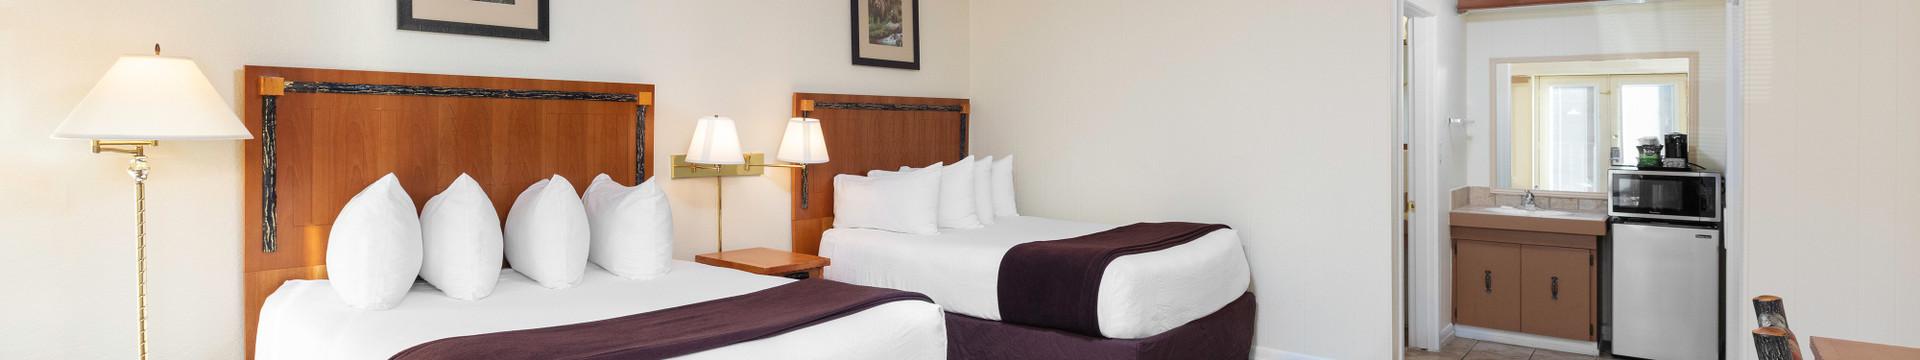 Bedroom in the Standard Queen Room - River Terrace Resort